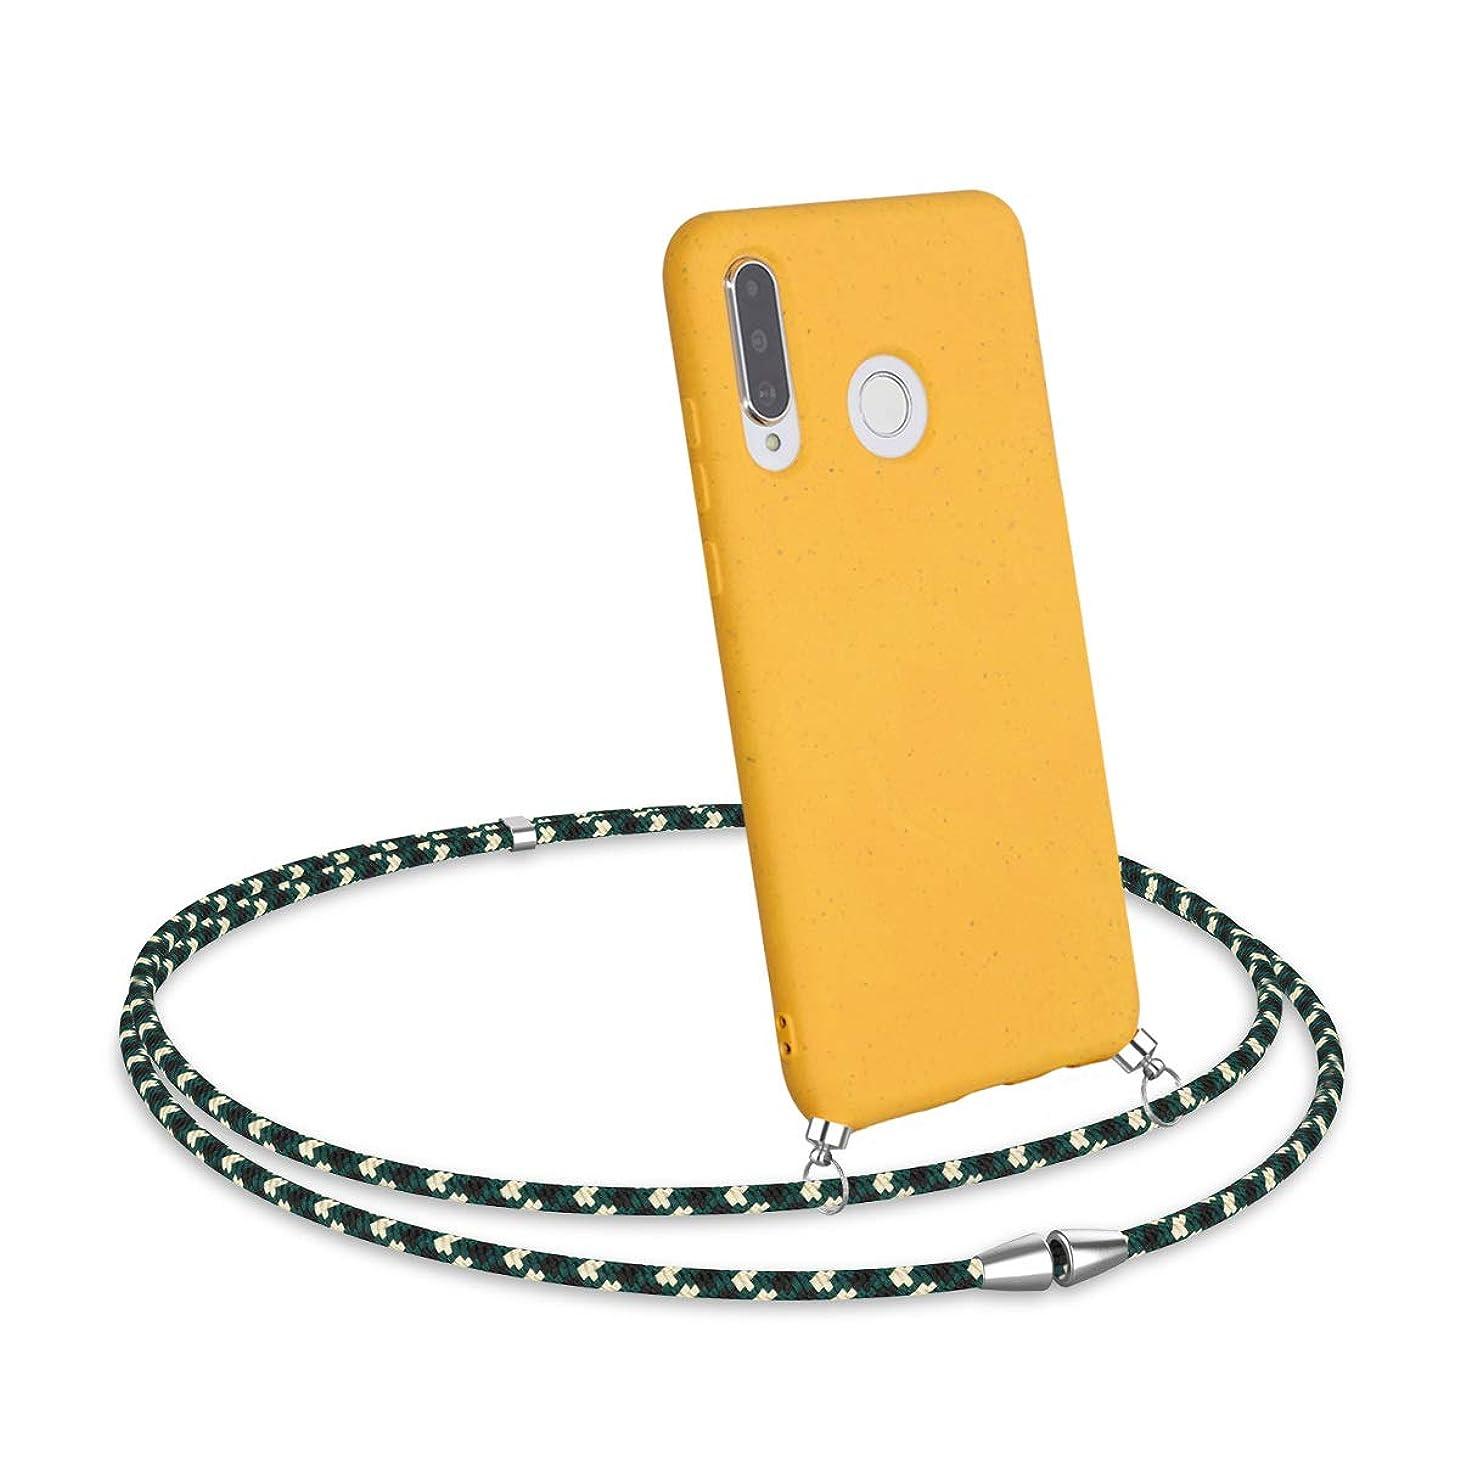 ありふれた検出慎重kalibri 対応: Huawei P30 Lite ケース - 100% 麦わら製 保護 ストラップ付き クロスボディ ファーウェイ P30 ライト